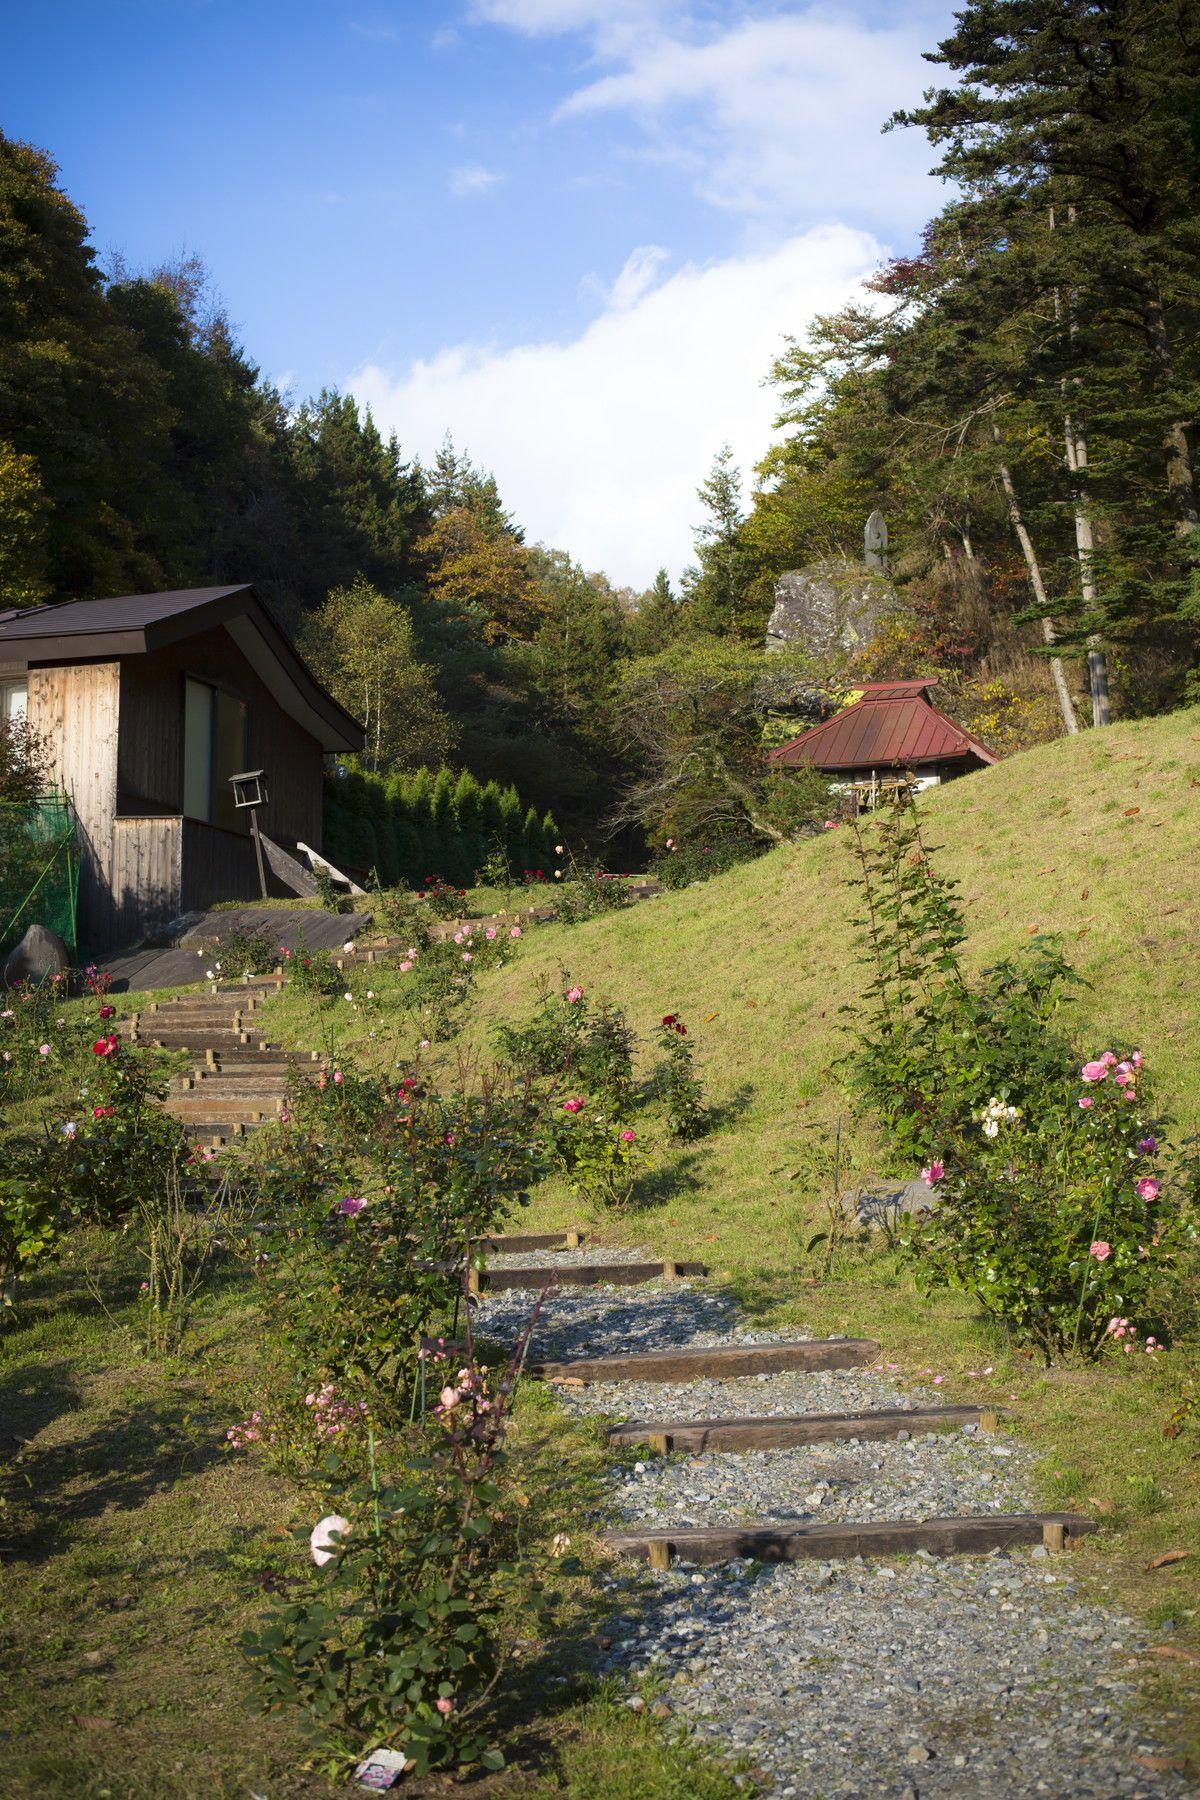 星降るガーデン 自然散策をお楽しみいただけます 温泉 自然 ガーデン